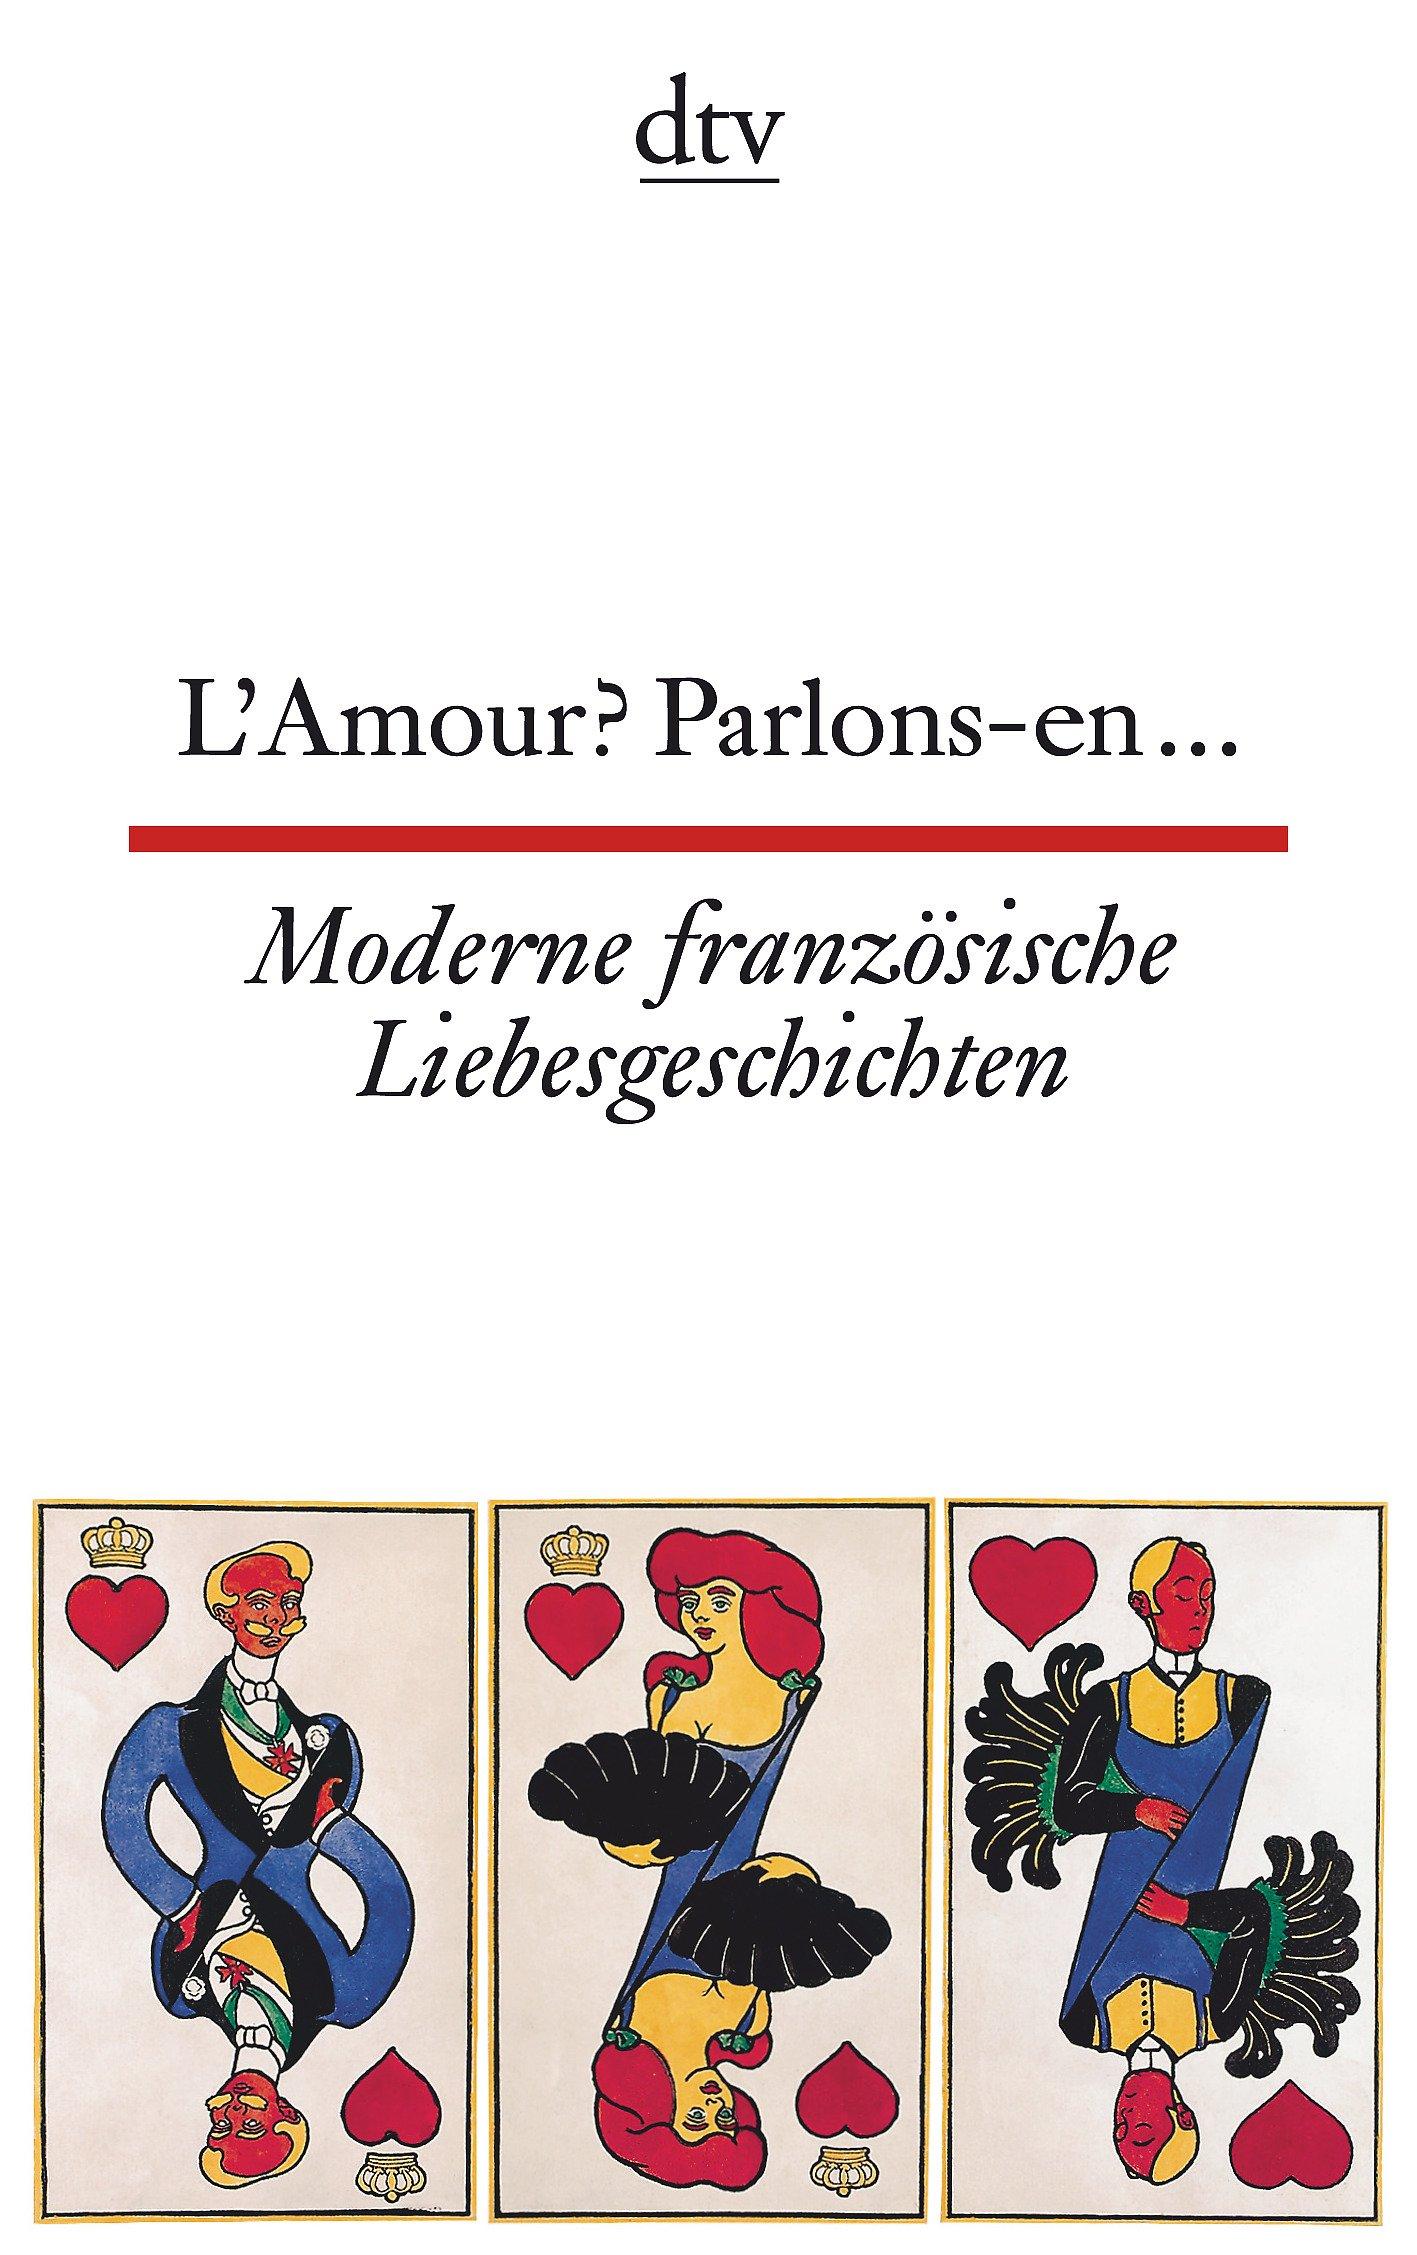 L'Amour? Parlons-en ... Moderne französische Liebesgeschichten (dtv zweisprachig)